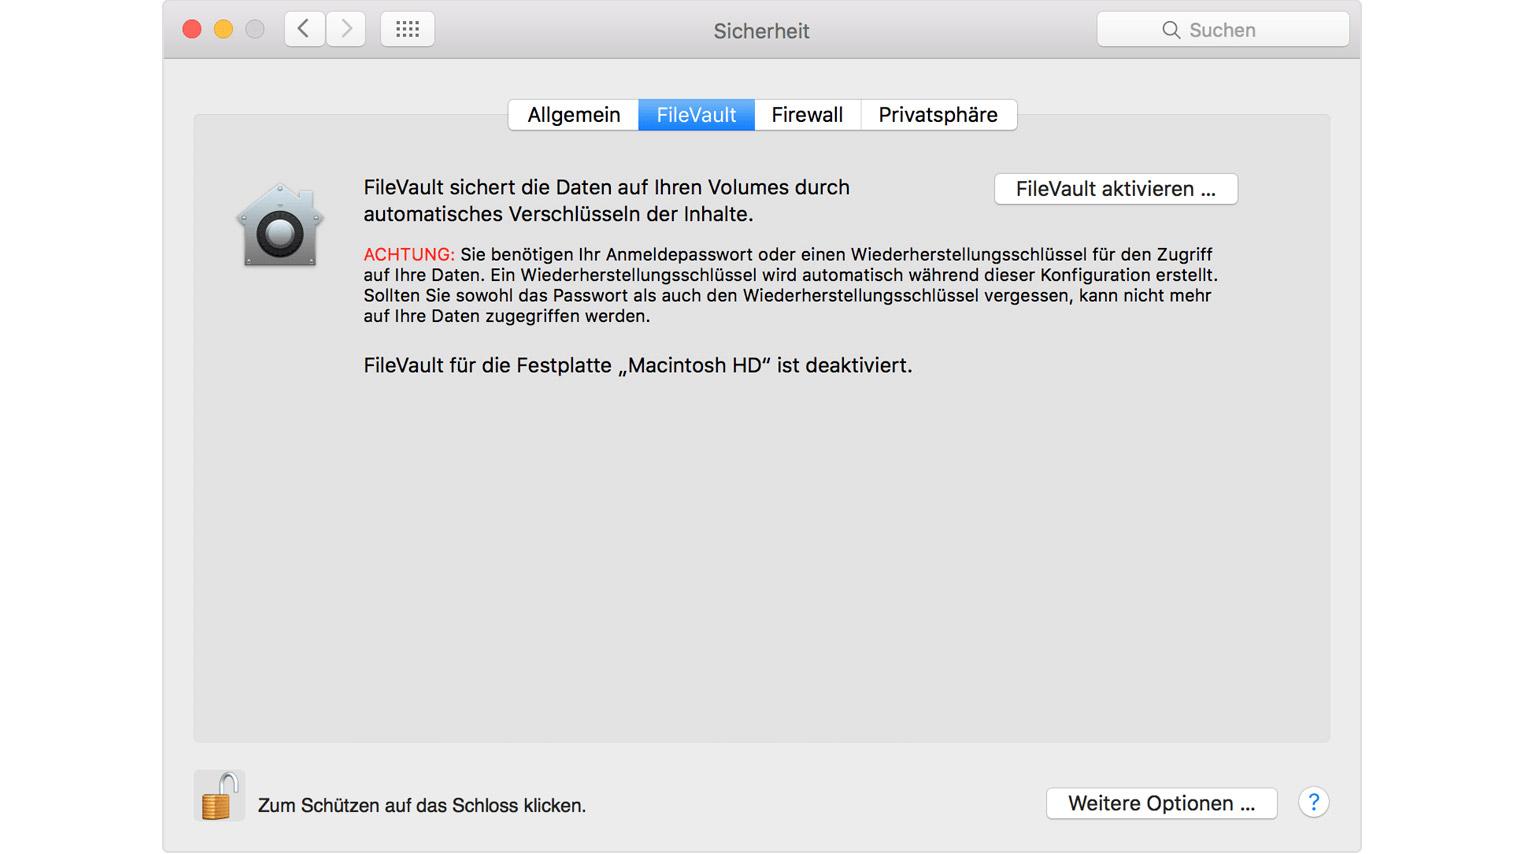 FileVault deaktivieren: So schaltest Du die Mac-Verschlüsselung aus